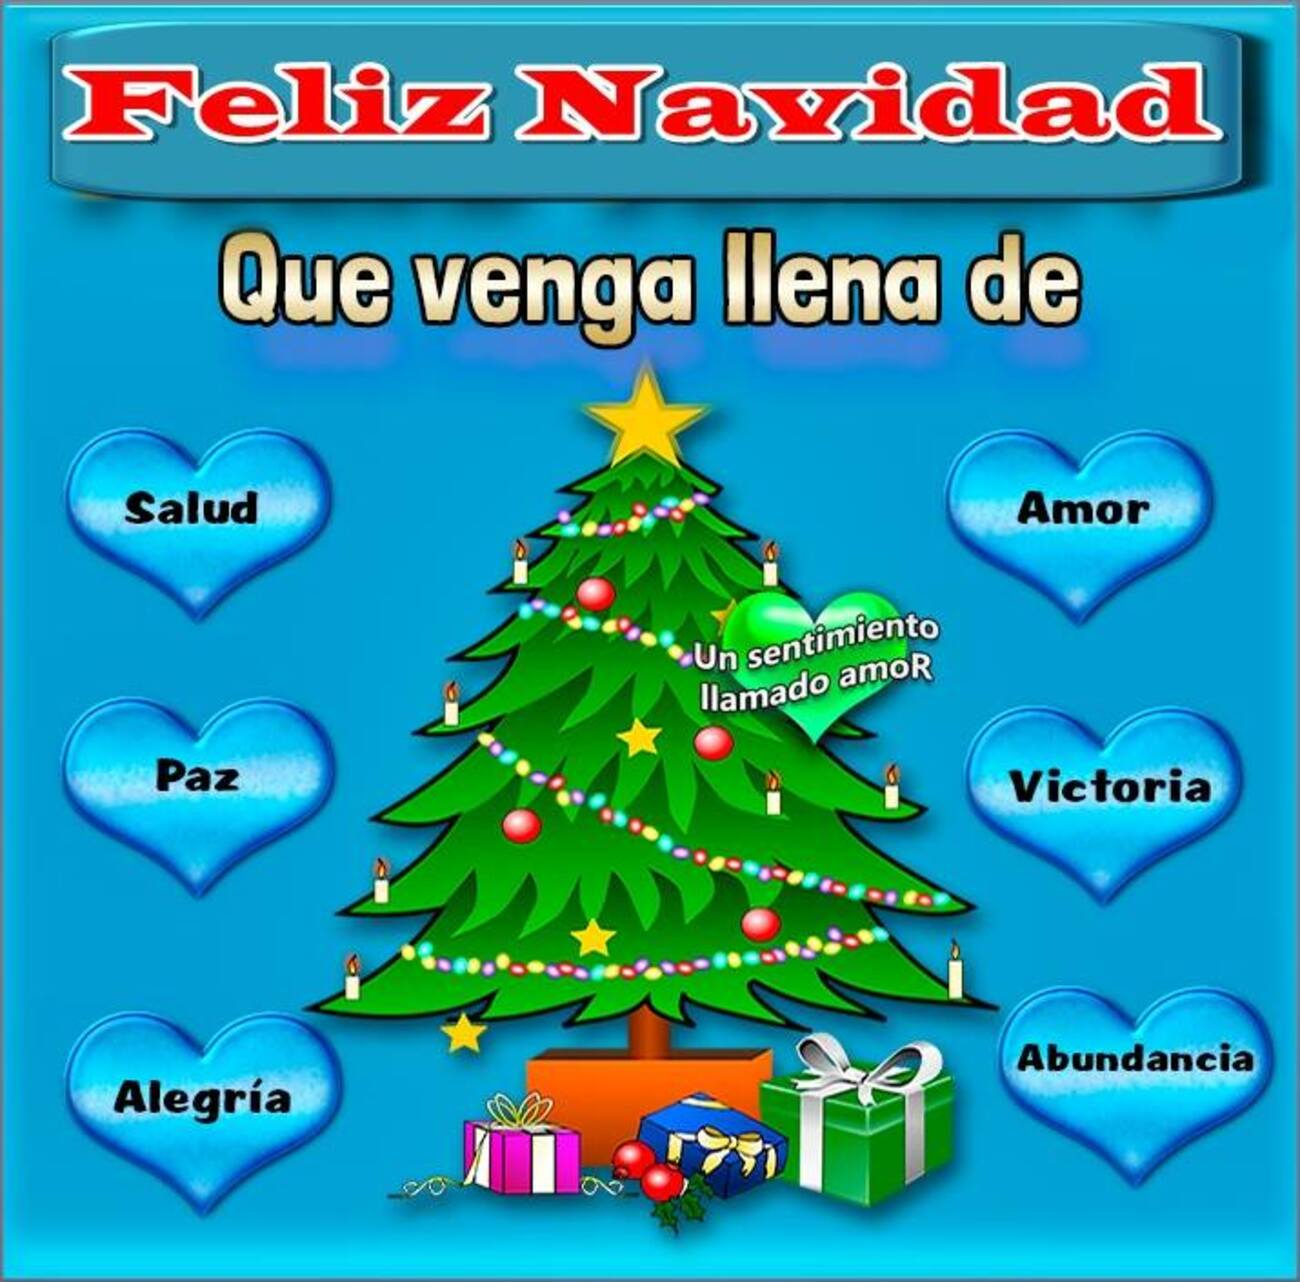 74 Lindas Imágenes Para Feliz Navidad Hermosasimagenesnet